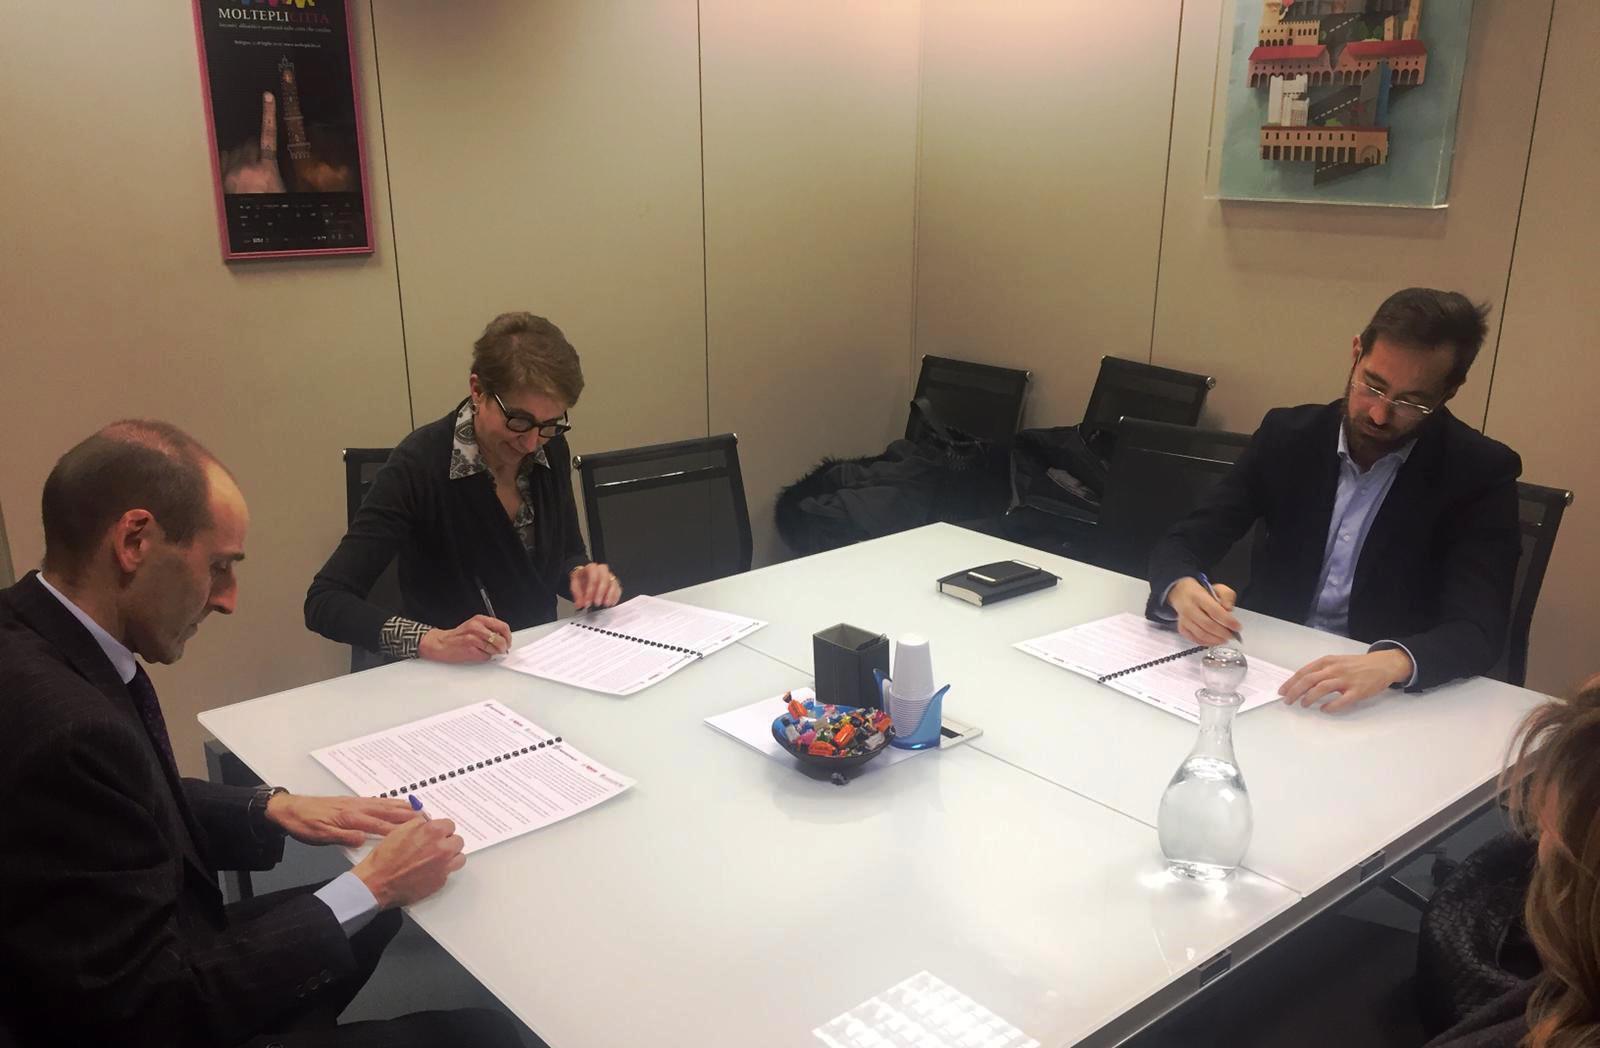 La sfida dei workers buyout per la tutela di imprese e occupazione: Legacoop Estense, Legacoop Bologna e Confindustria Emilia Area Centro hanno sottoscritto un protocollo d'intesa